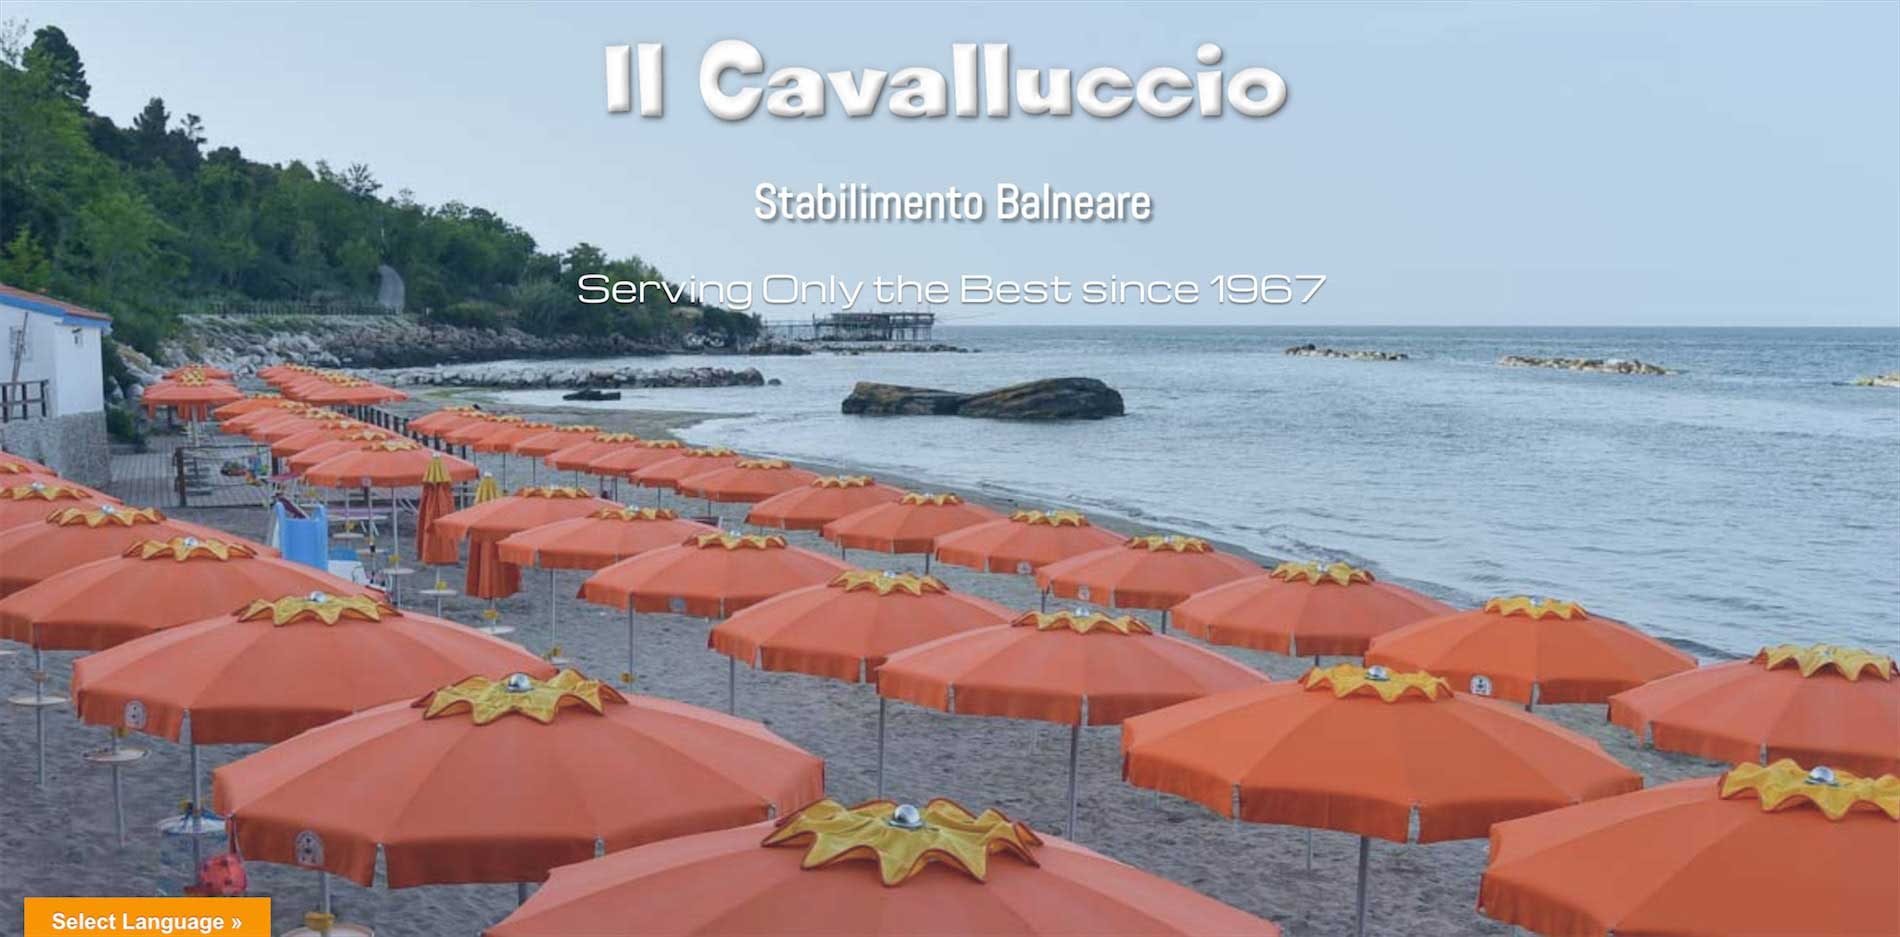 Cavalluccio1